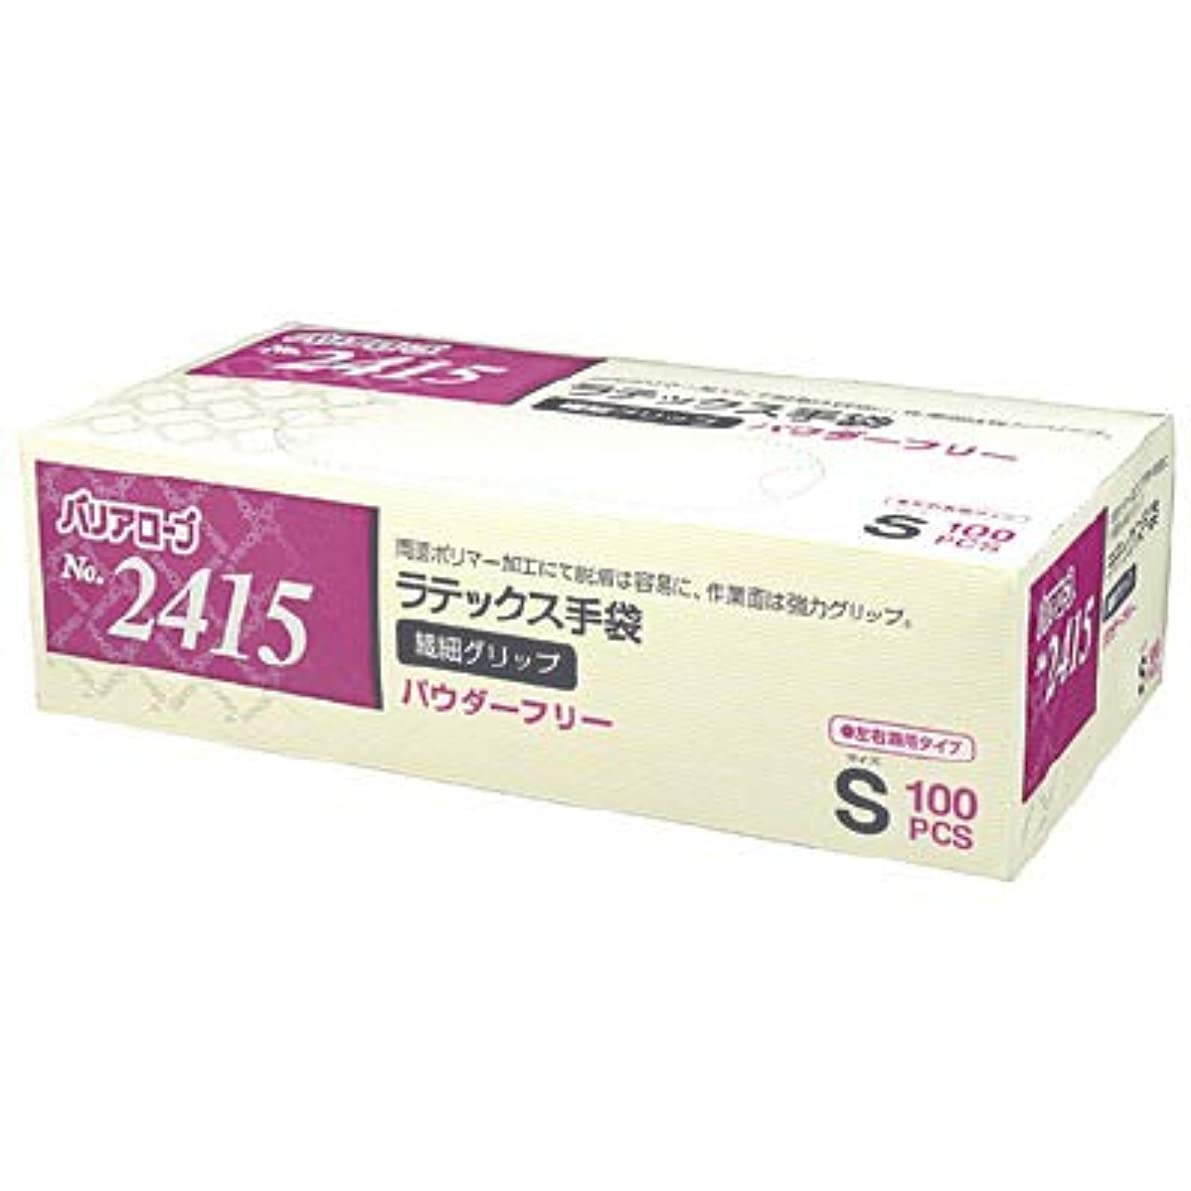 符号ファイル【ケース販売】 バリアローブ №2415 ラテックス手袋 繊細グリップ (パウダーフリー) S 2000枚(100枚×20箱)